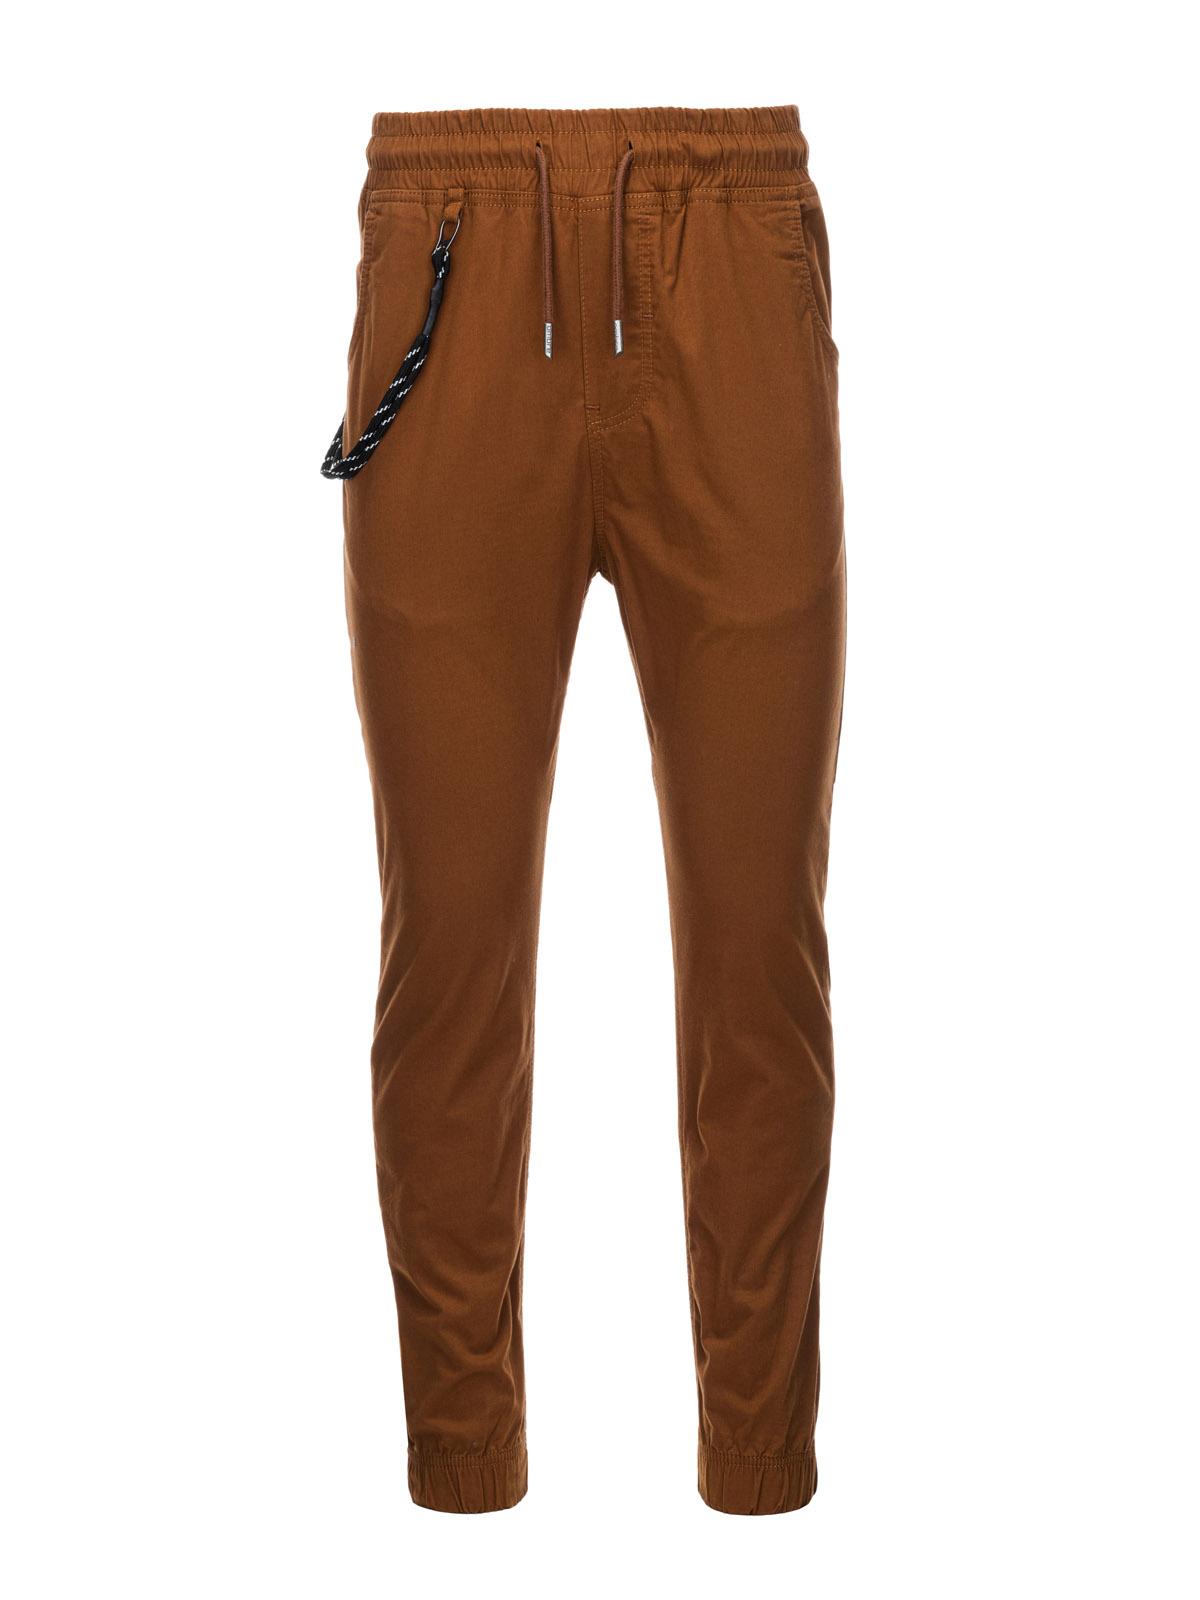 Men's pants joggers P908 - brown   MODONE wholesale - Clothing For Men